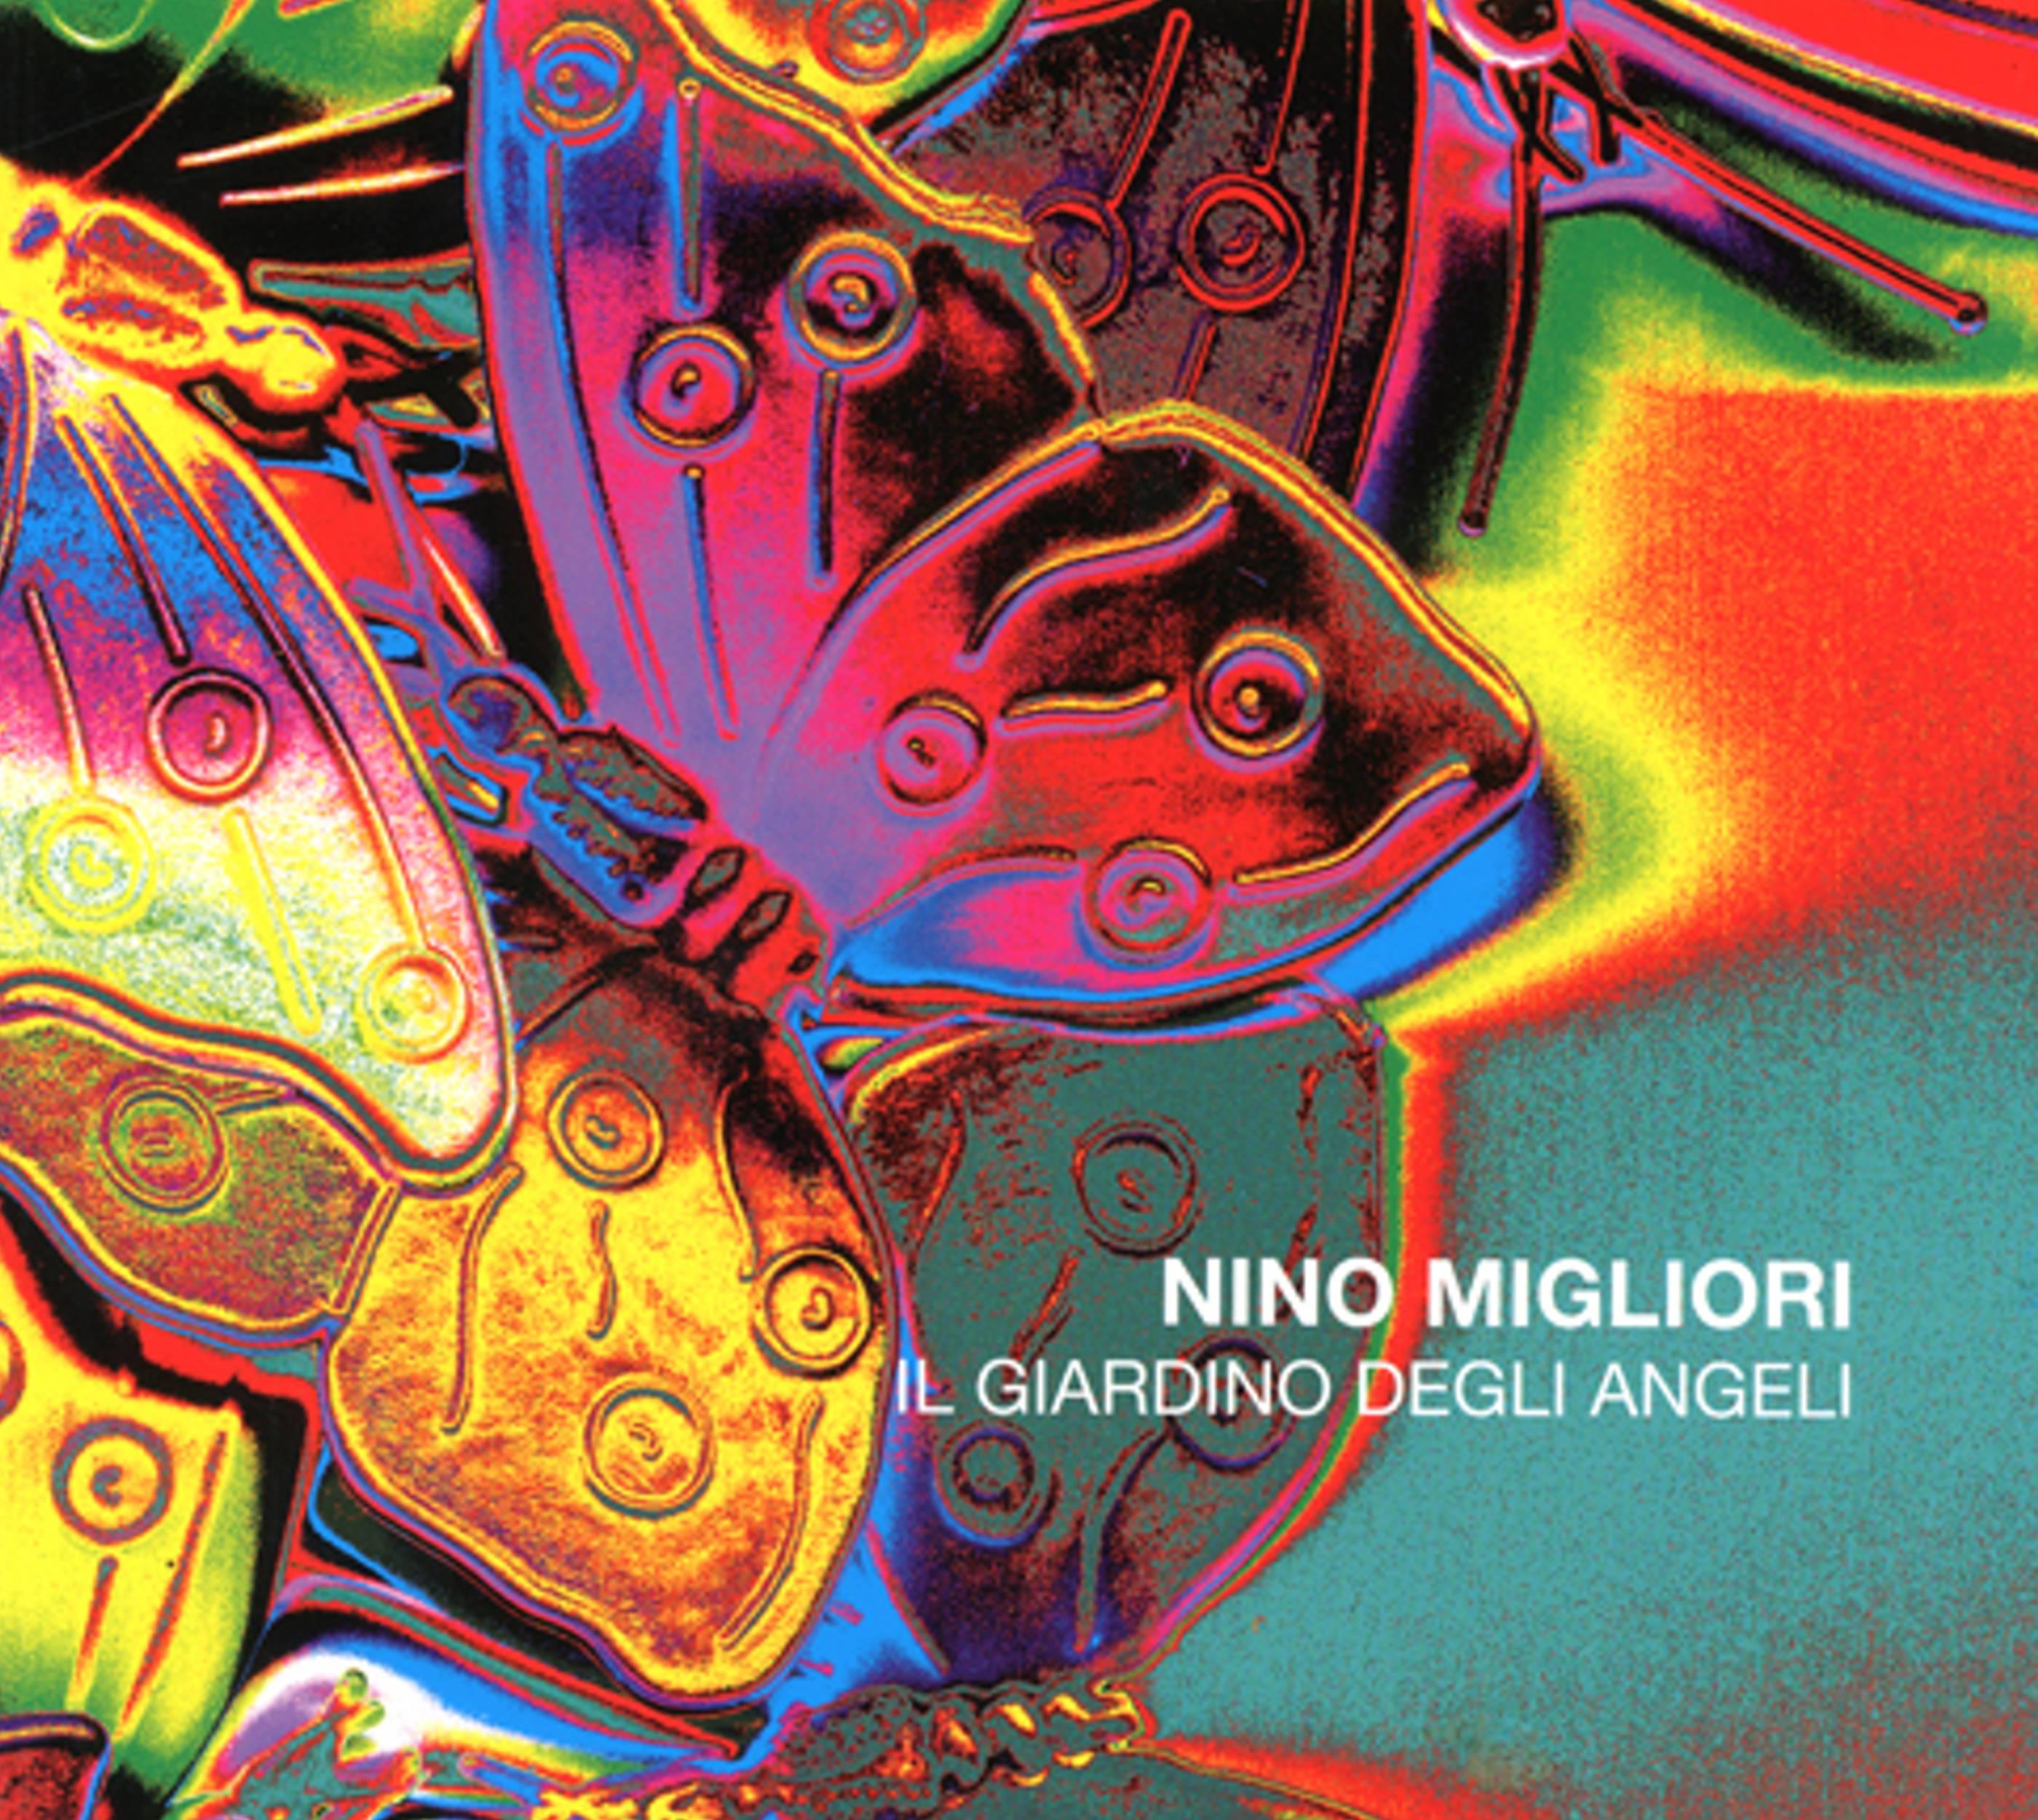 Nino Migliori, Il giardino degli Angeli